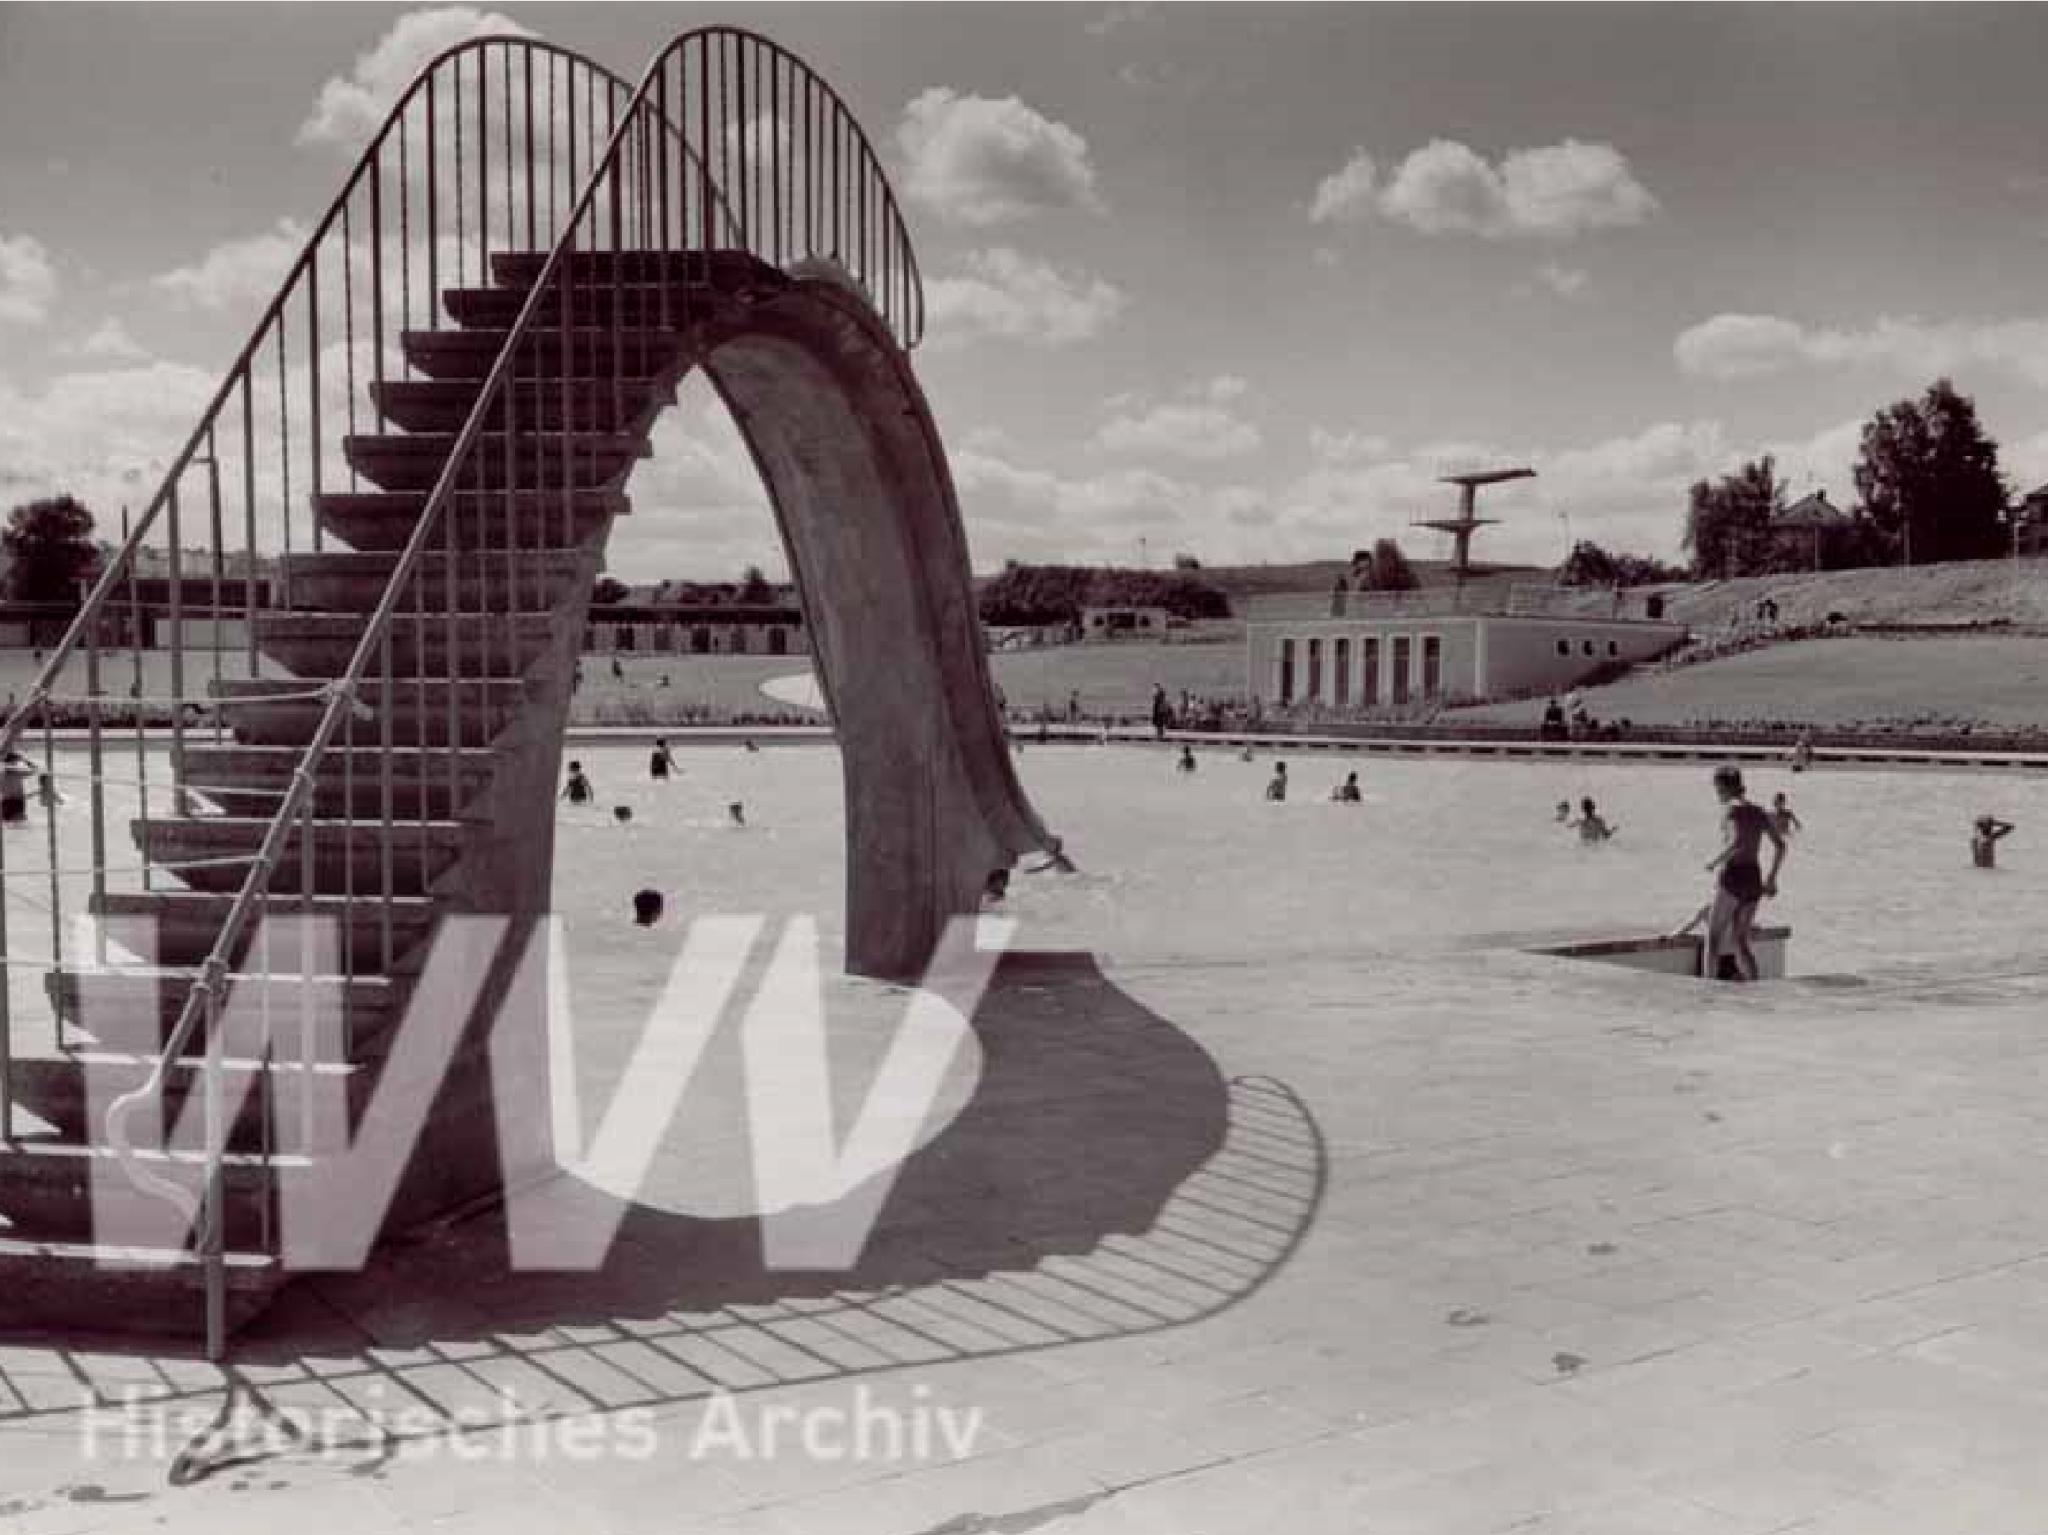 Eine historische Aufnahme des Dallenbergbads im Jahr 1956. Foto: Historisches Archiv der WVV.